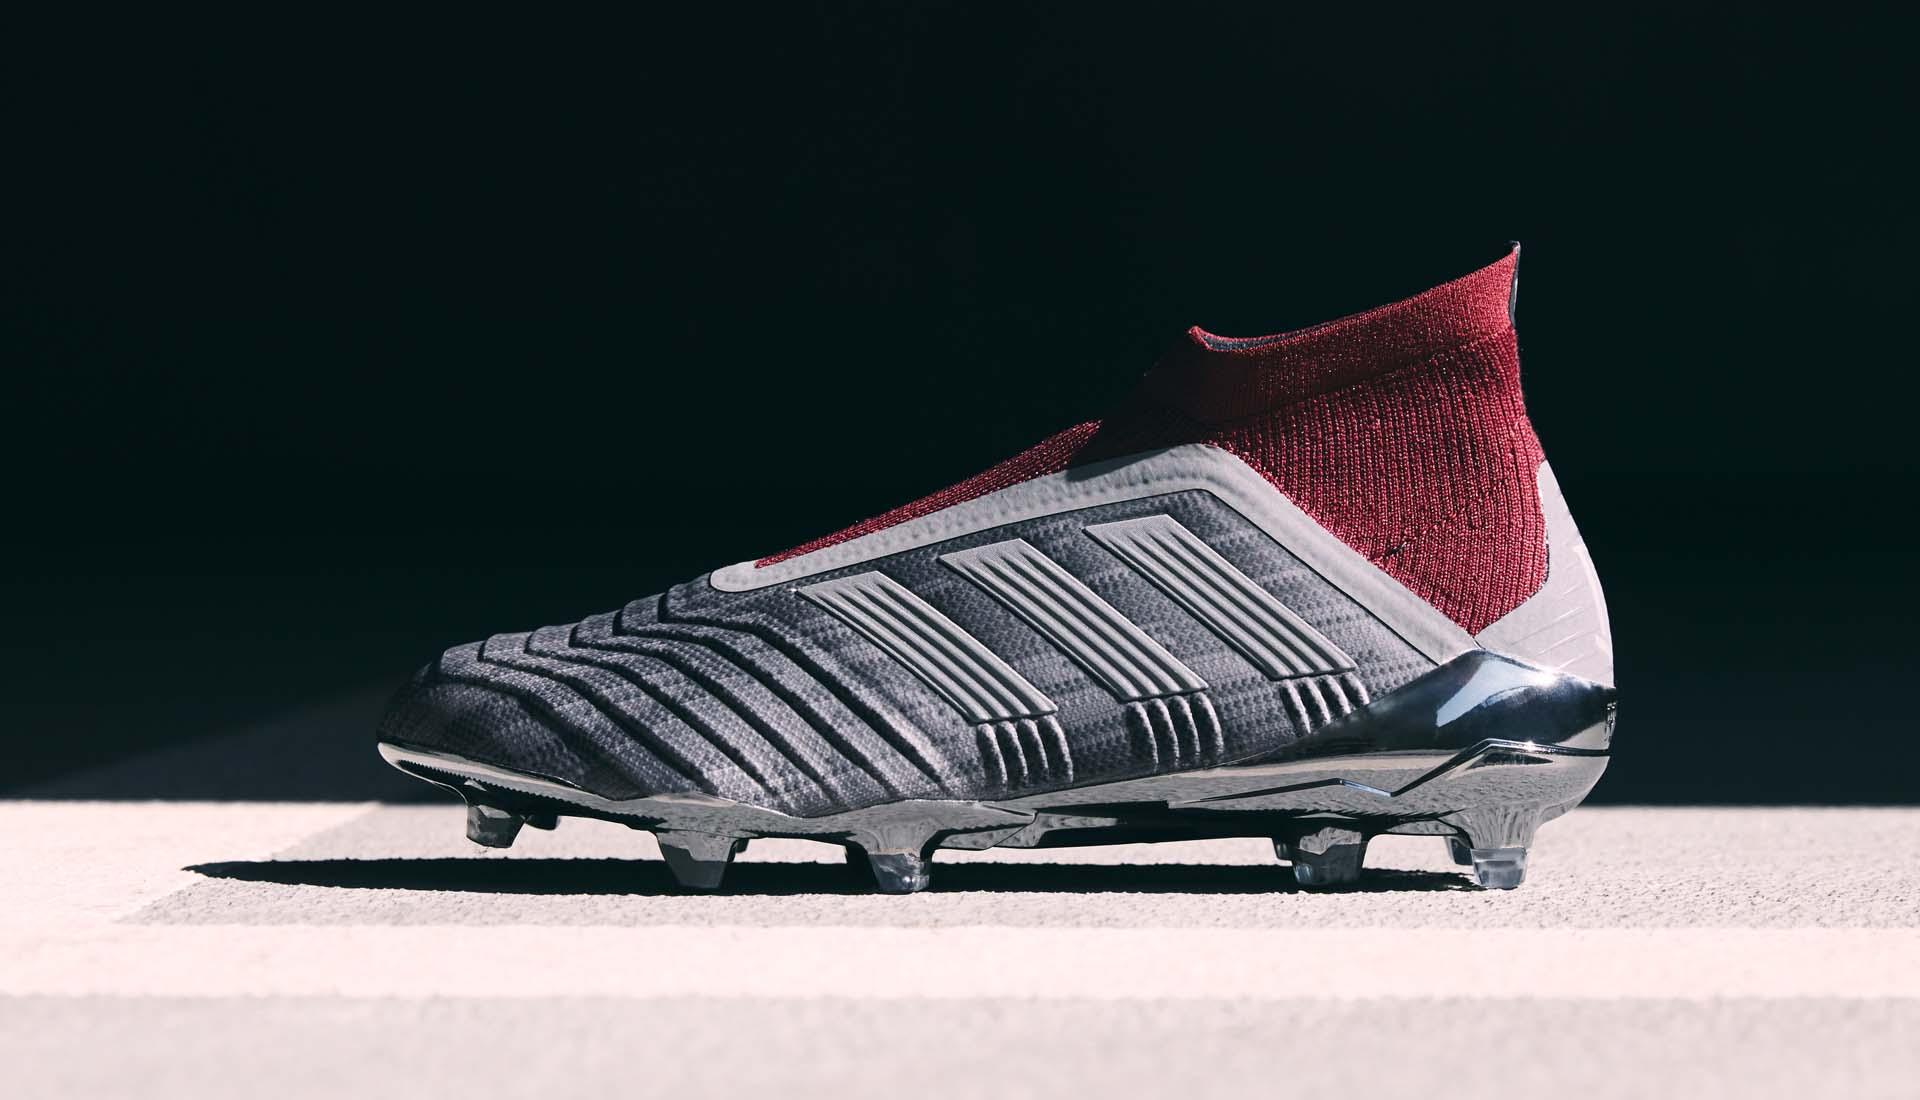 adidas Predator Paul Pogba 2018